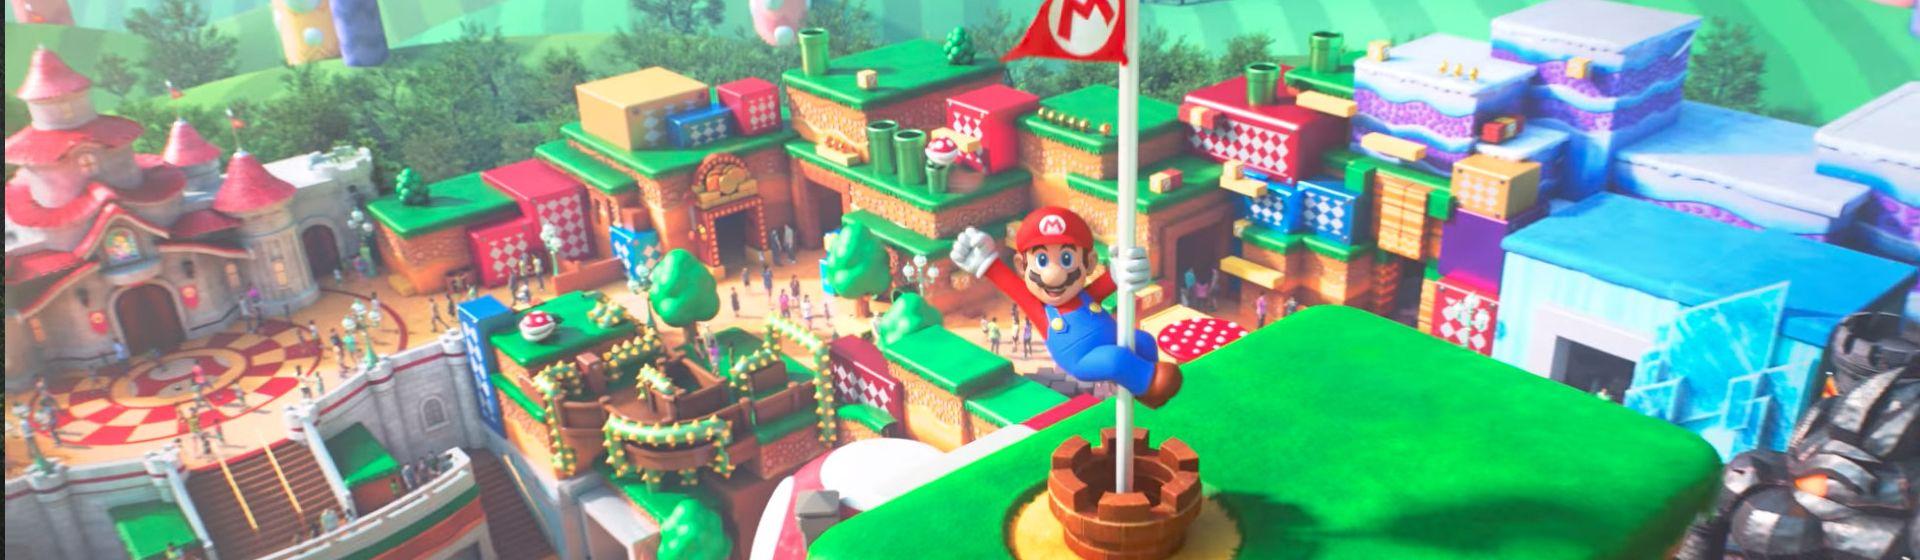 Super Nintendo World abre em fevereiro com atração de Mario Kart